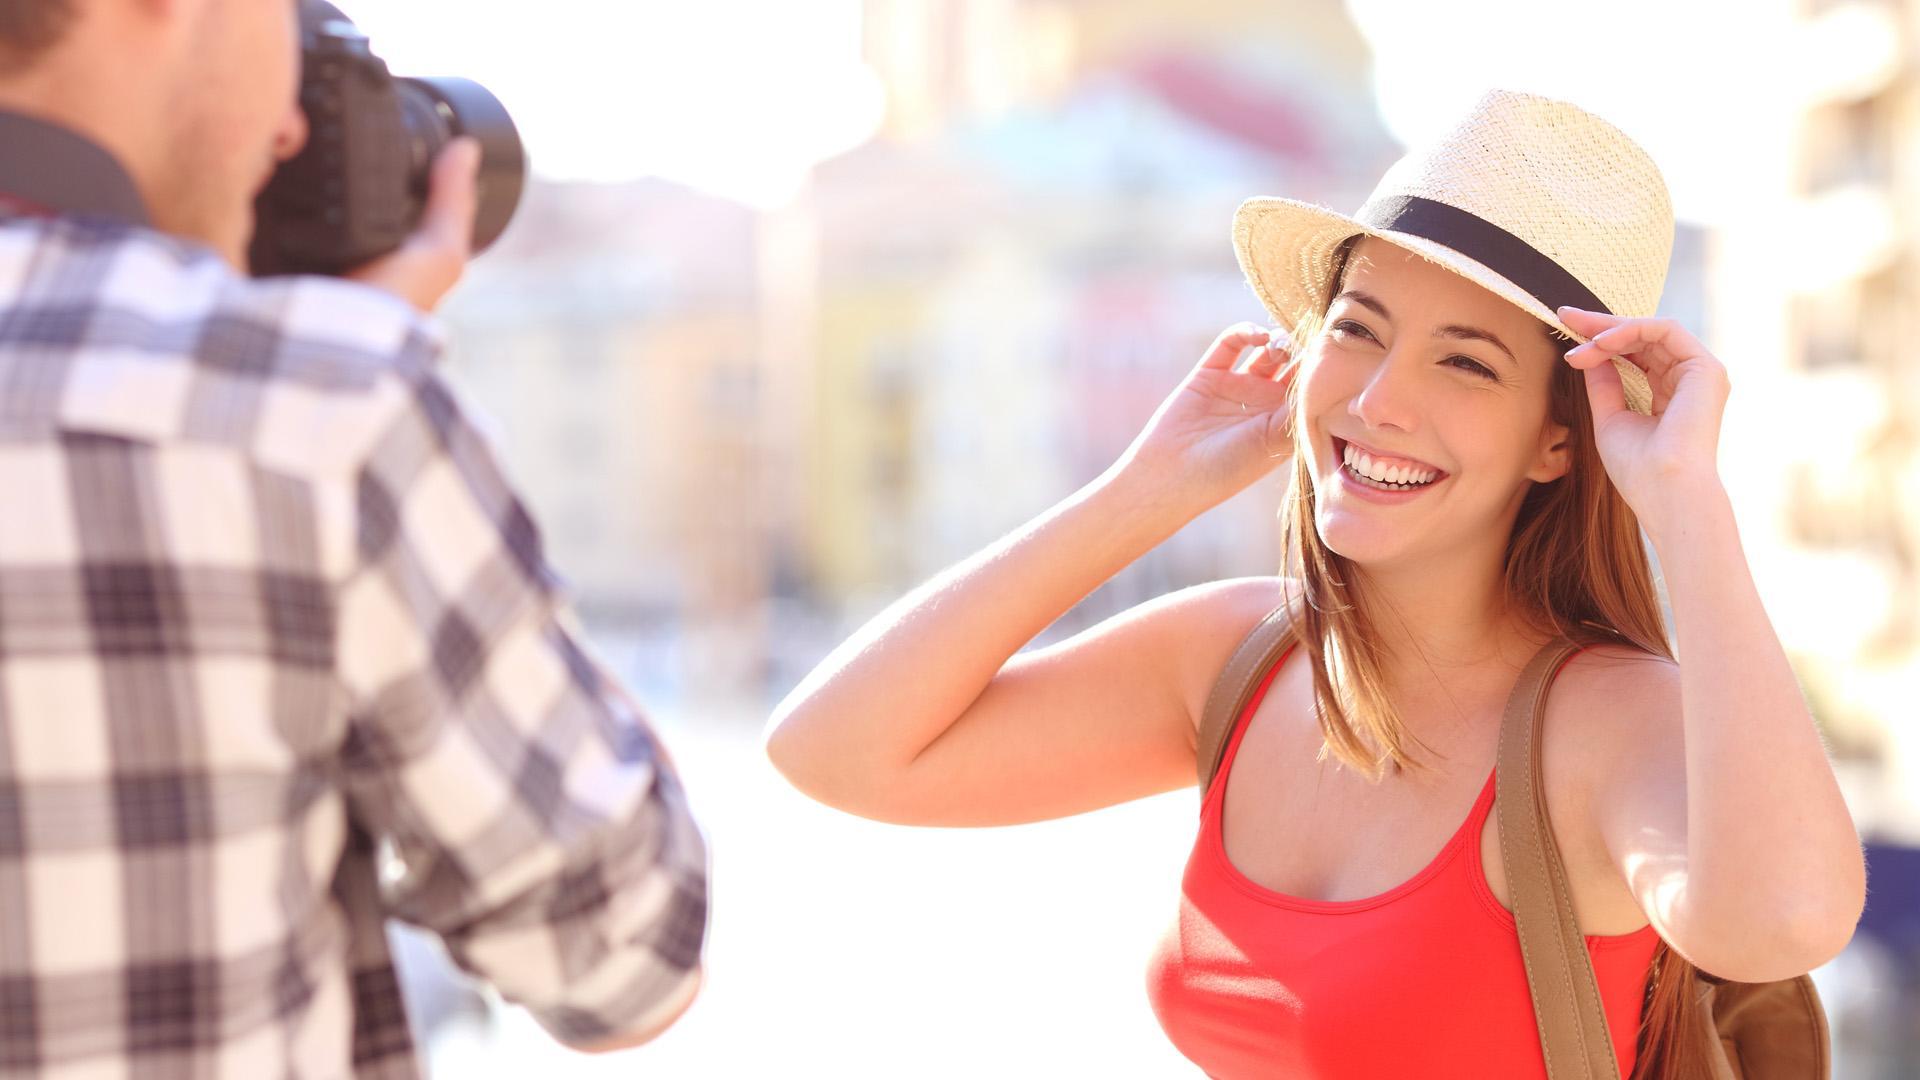 Фотография для сайта знакомств